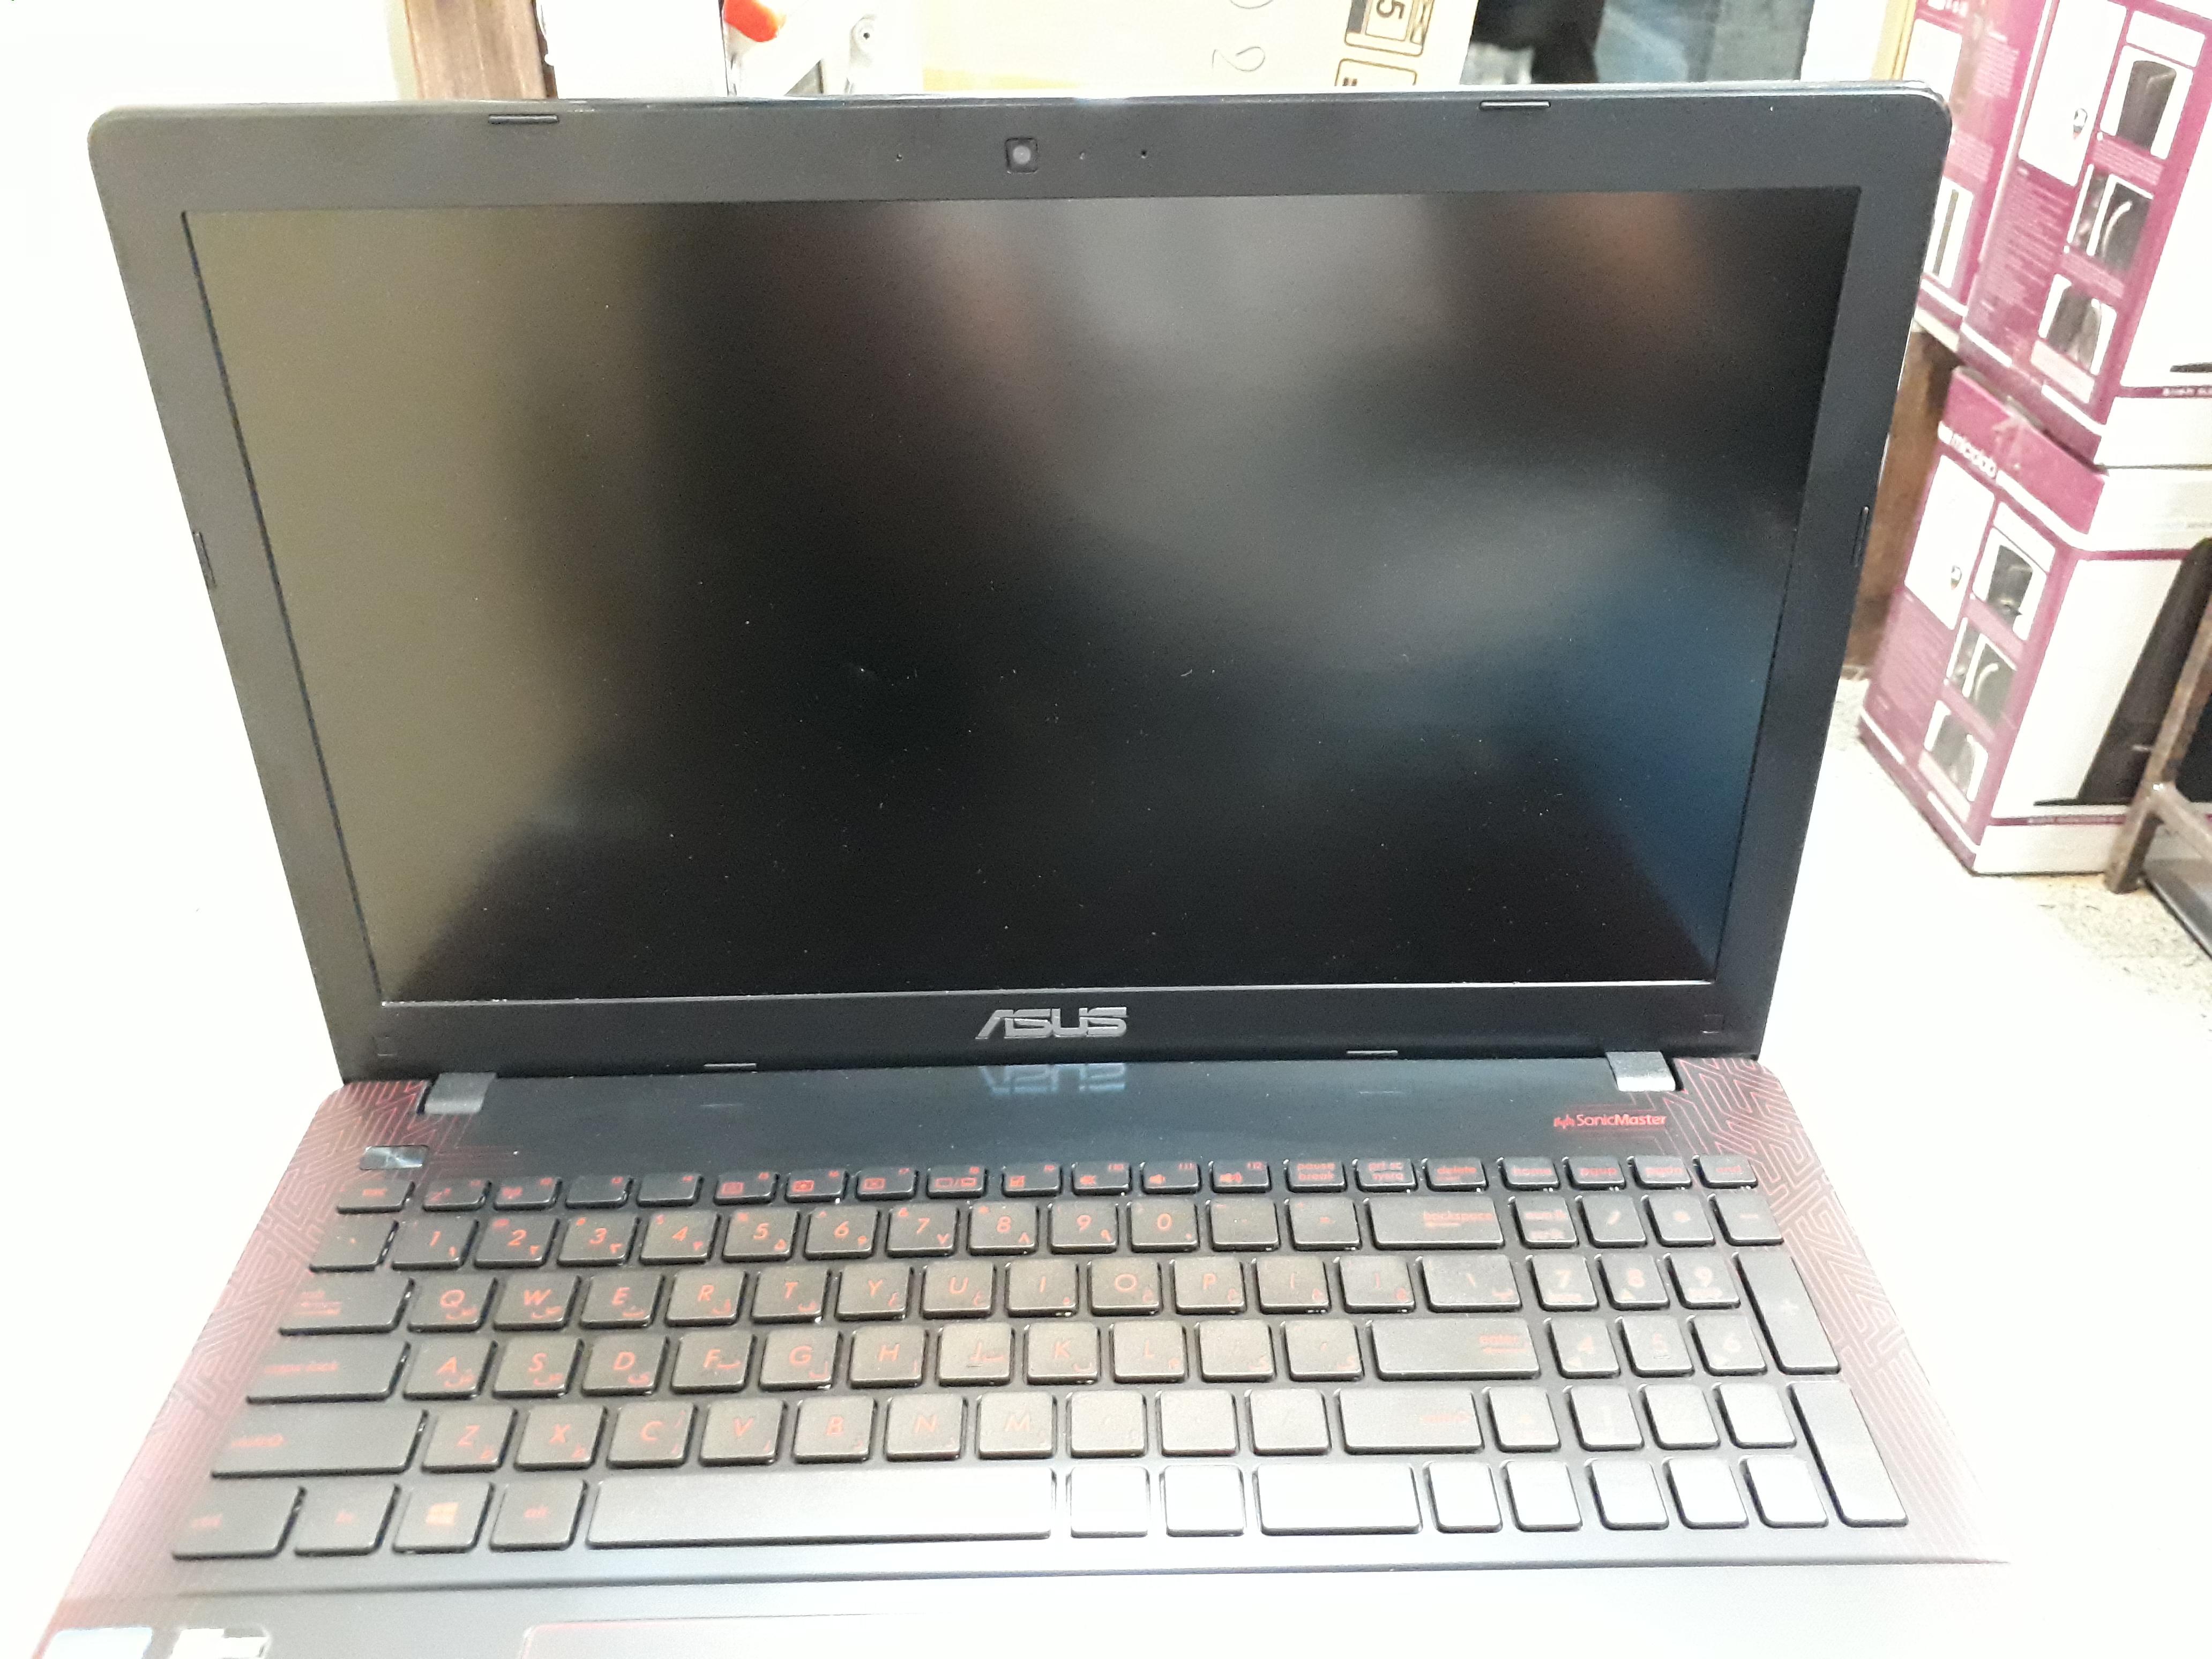 لپ تاپ اپن باکس استوک ایسوس مدل k550 v